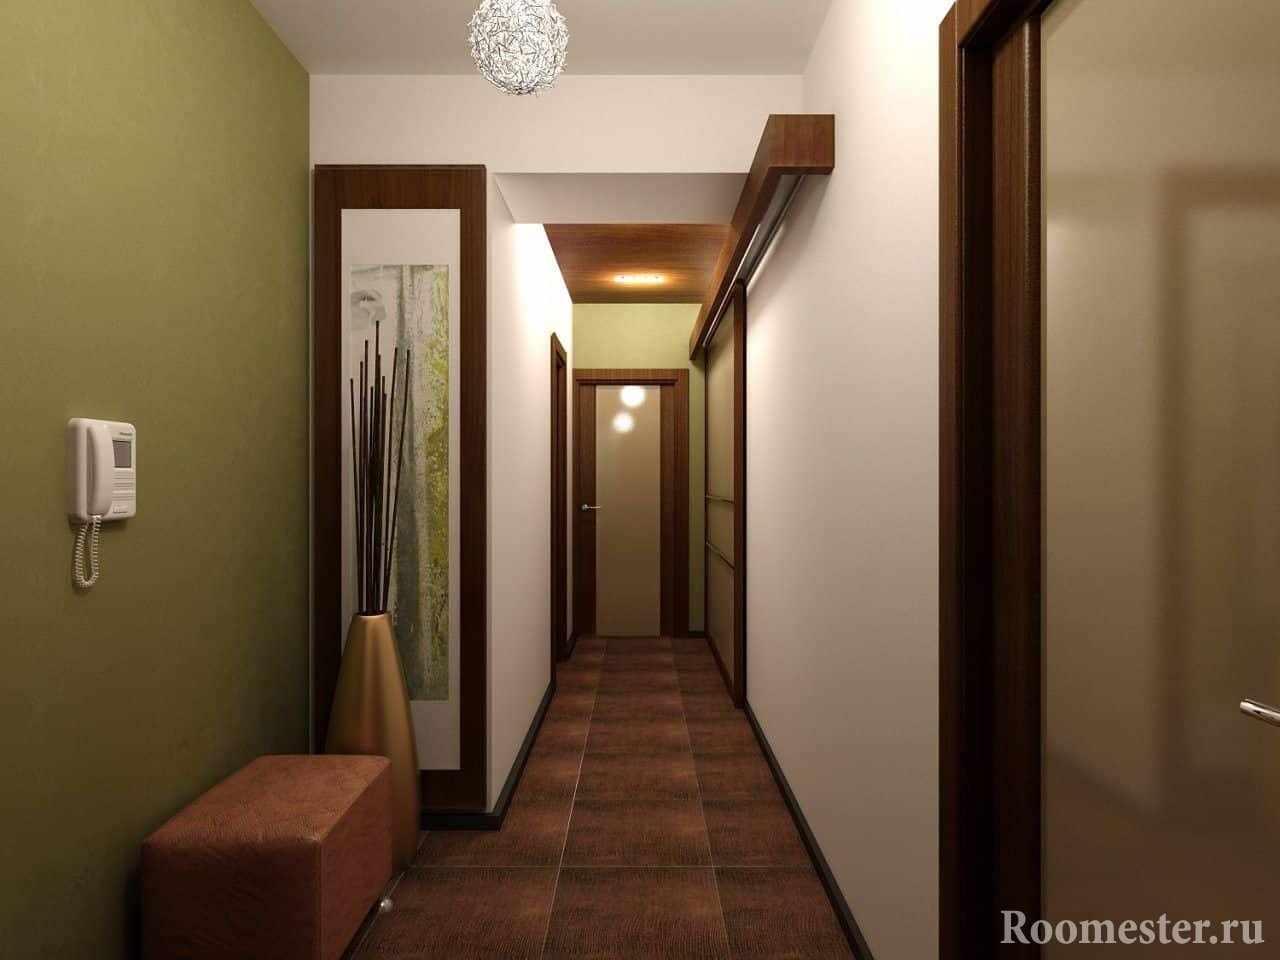 Плитка в отделке длинного коридора